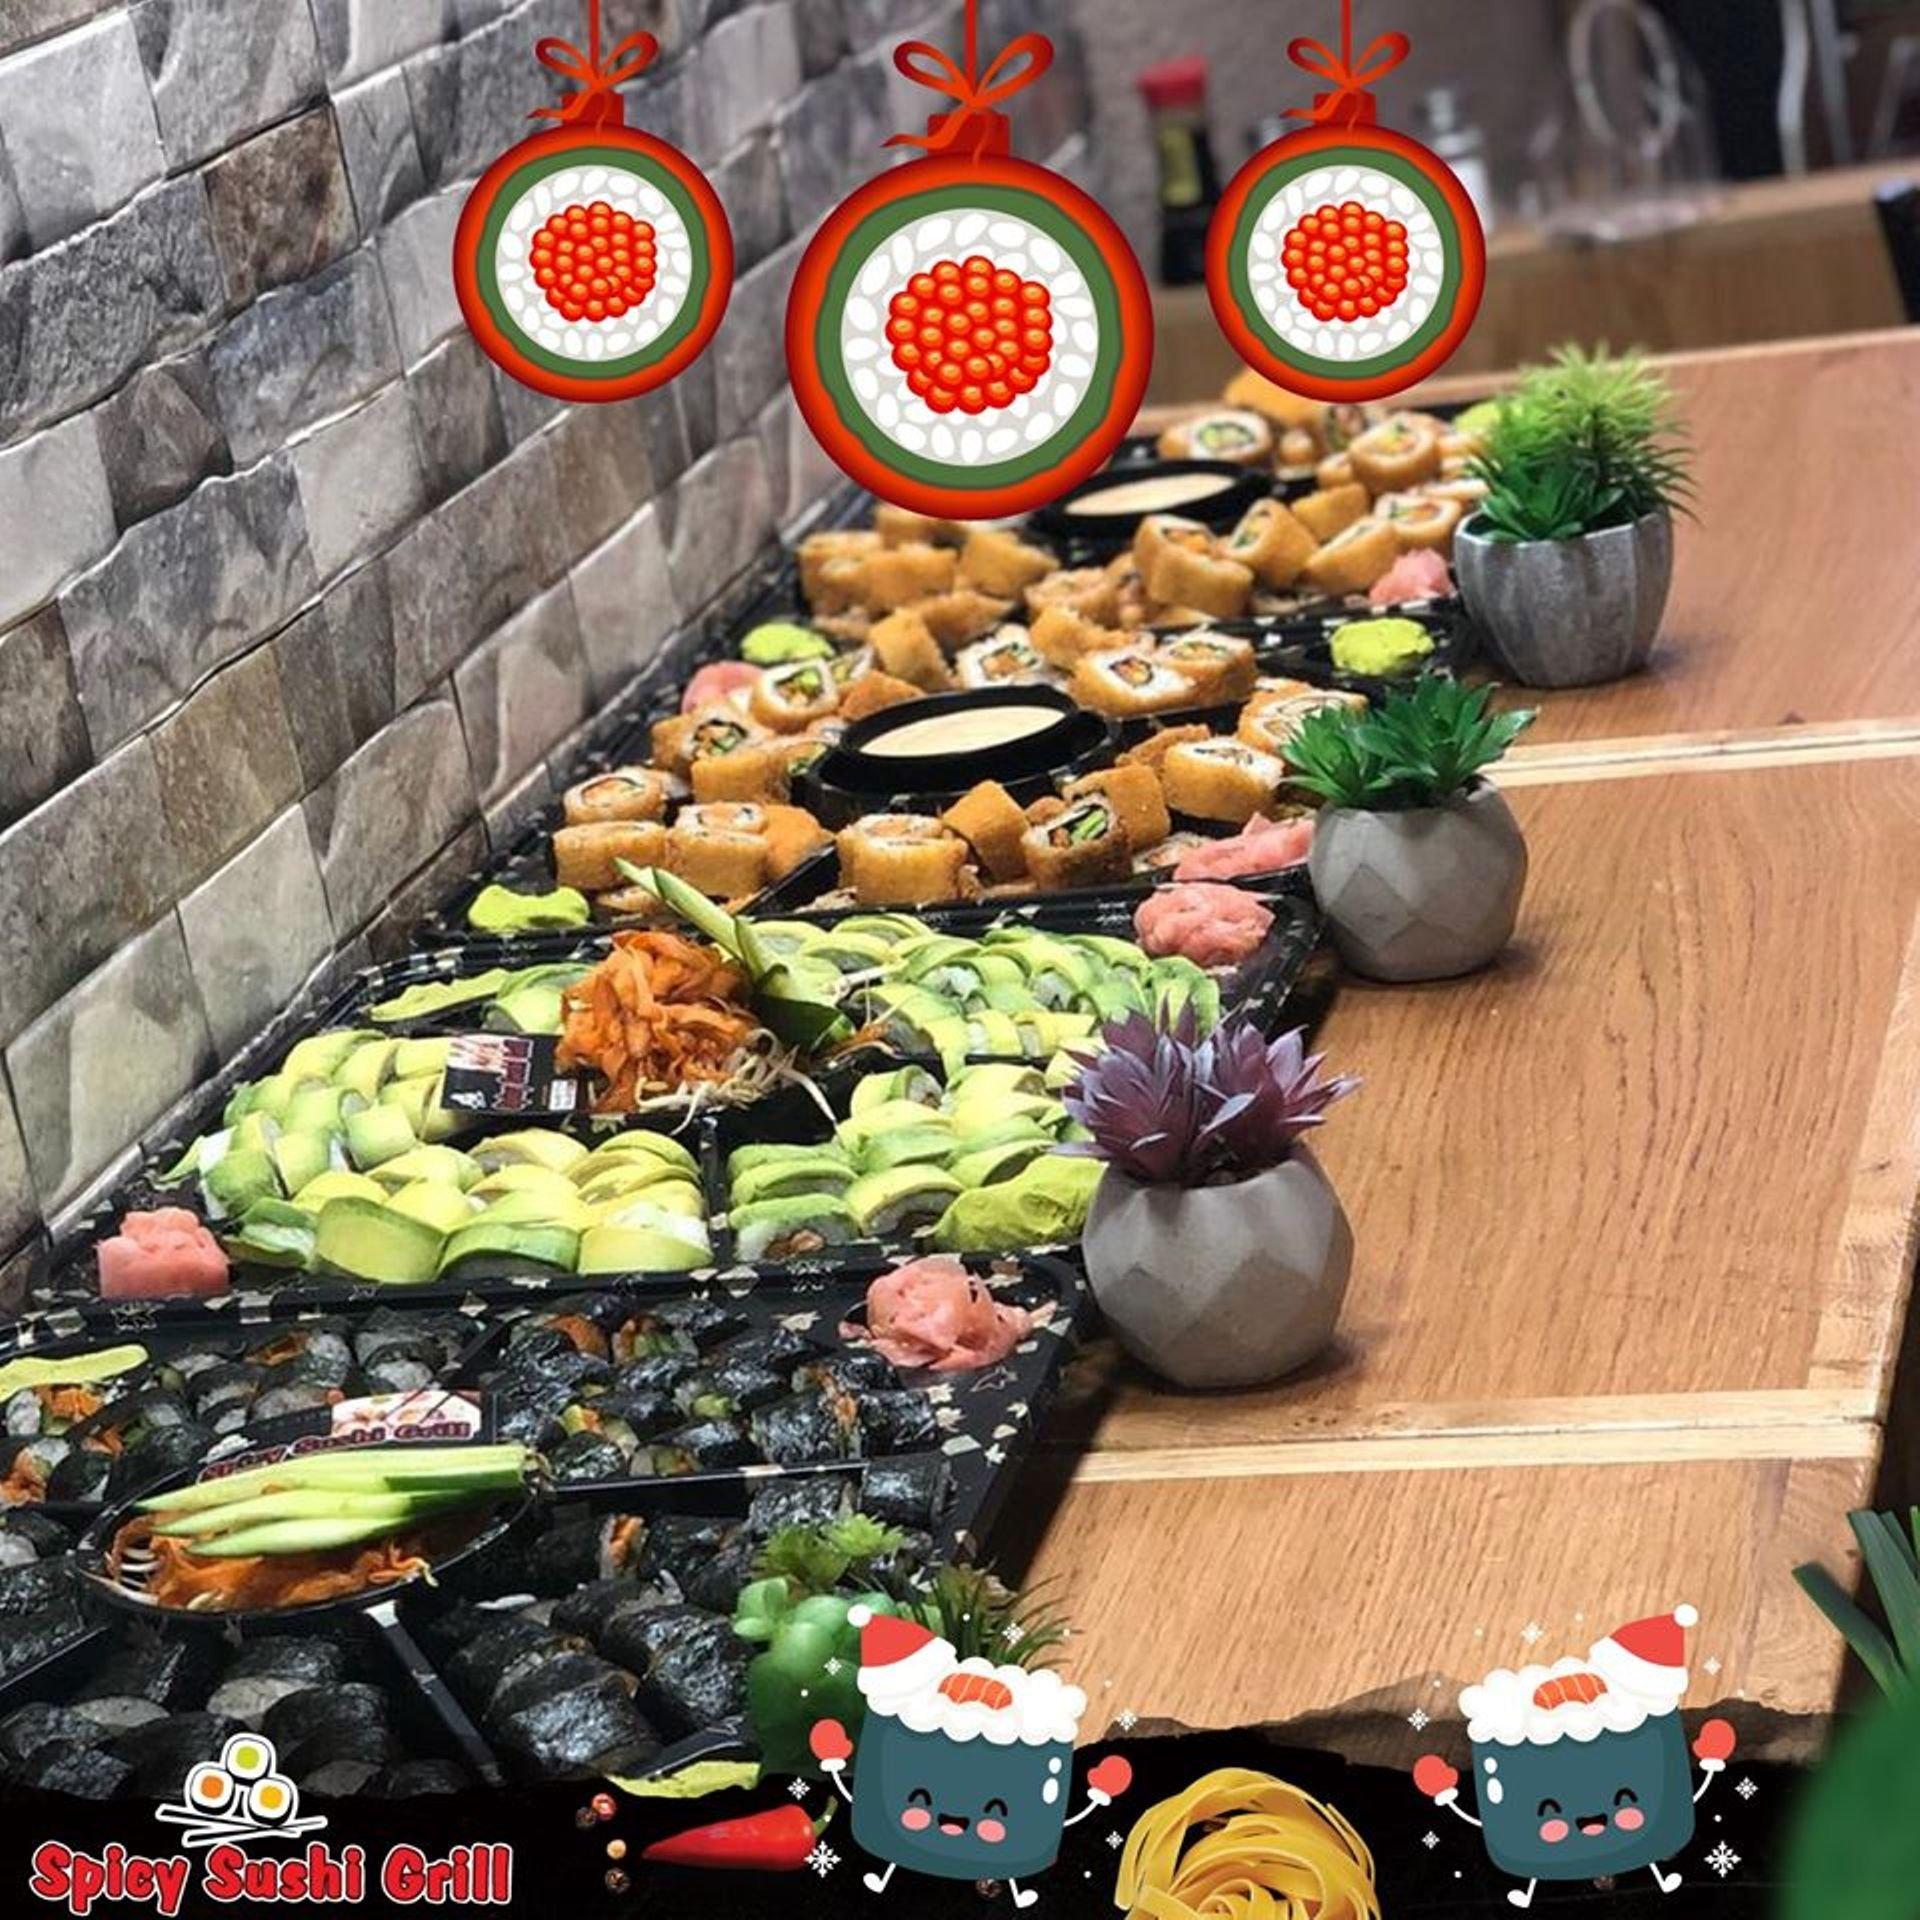 1 Spicy sushi Grill תְמוּנָה